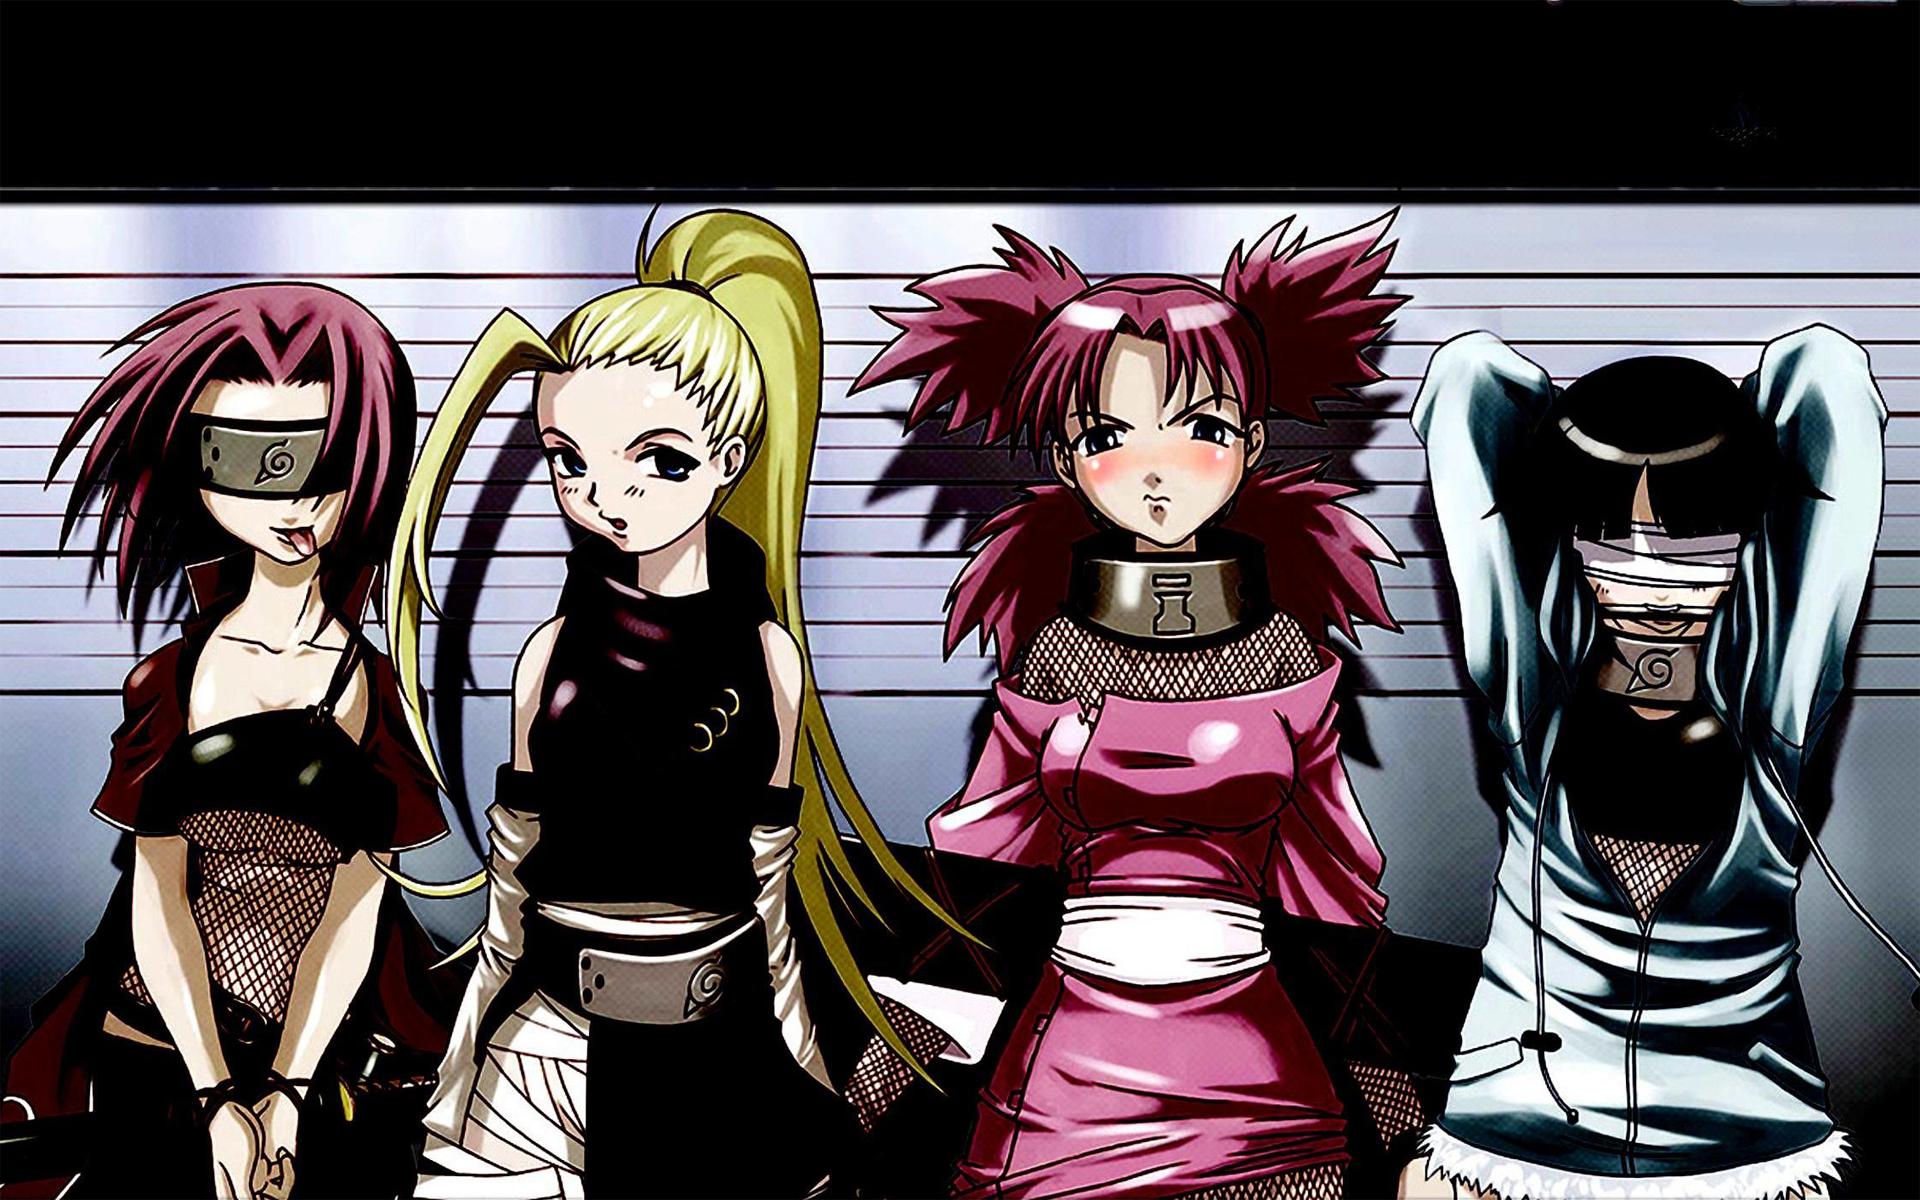 135671 Title Anime Naruto Hinata Hyuga Sakura Haruno Naruto Wallpaper Girls 1920x1200 Download Hd Wallpaper Wallpapertip